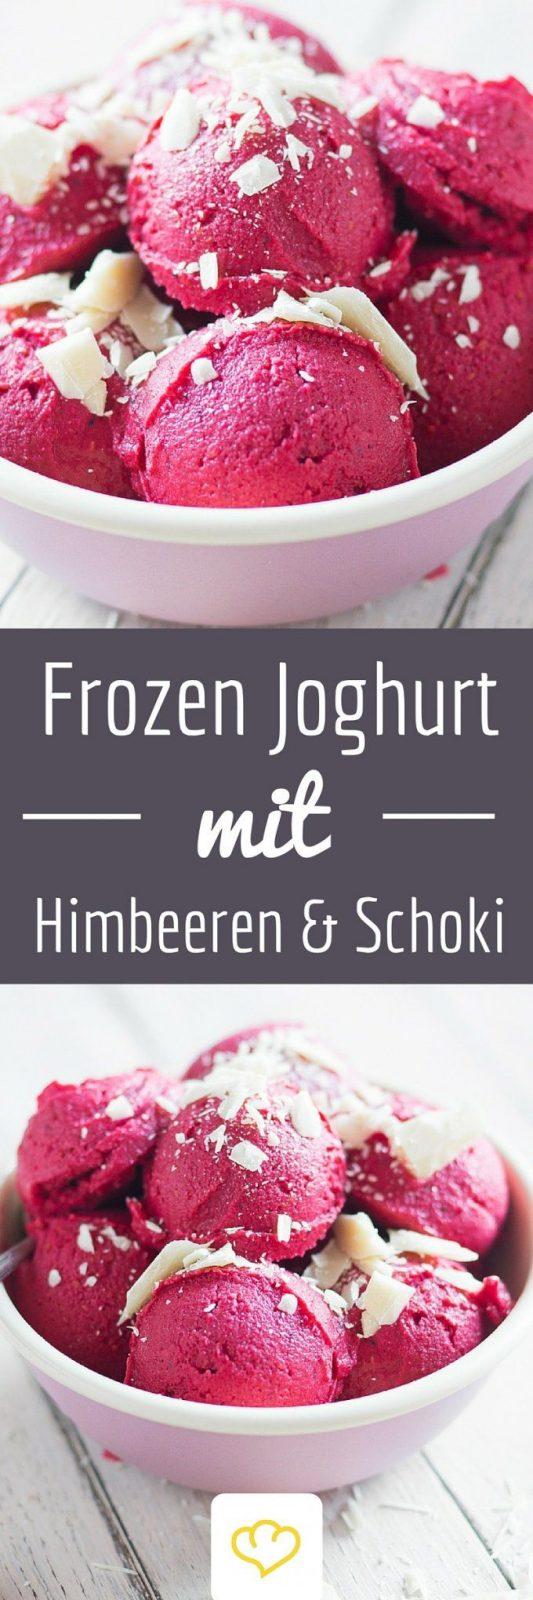 Blitzfrozenjoghurt Mit Himbeeren Und Weißer Schokolade  Recipe von Frozen Joghurt Selber Machen Thermomix Bild